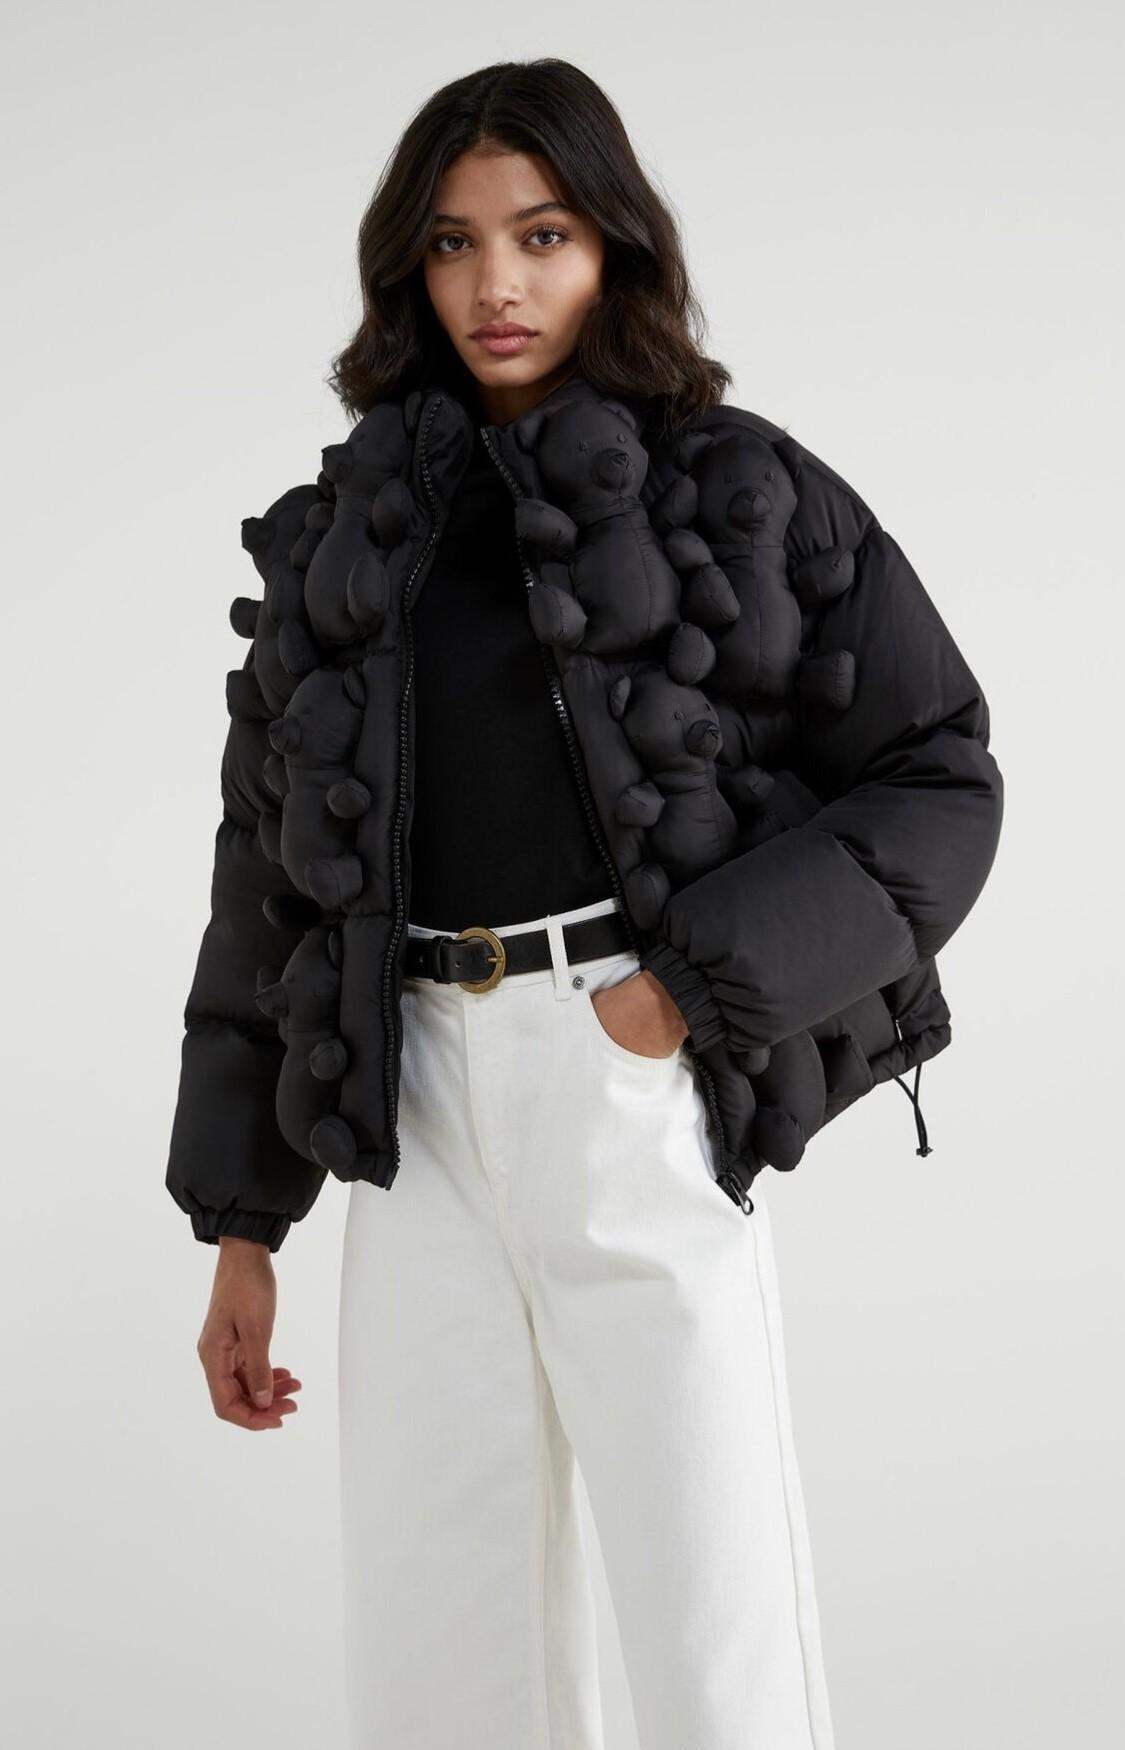 Este es el abrigo lleno de osos de peluche de Benetton del que todo el mundo habla (y las demás versiones son todavía más bonitas)